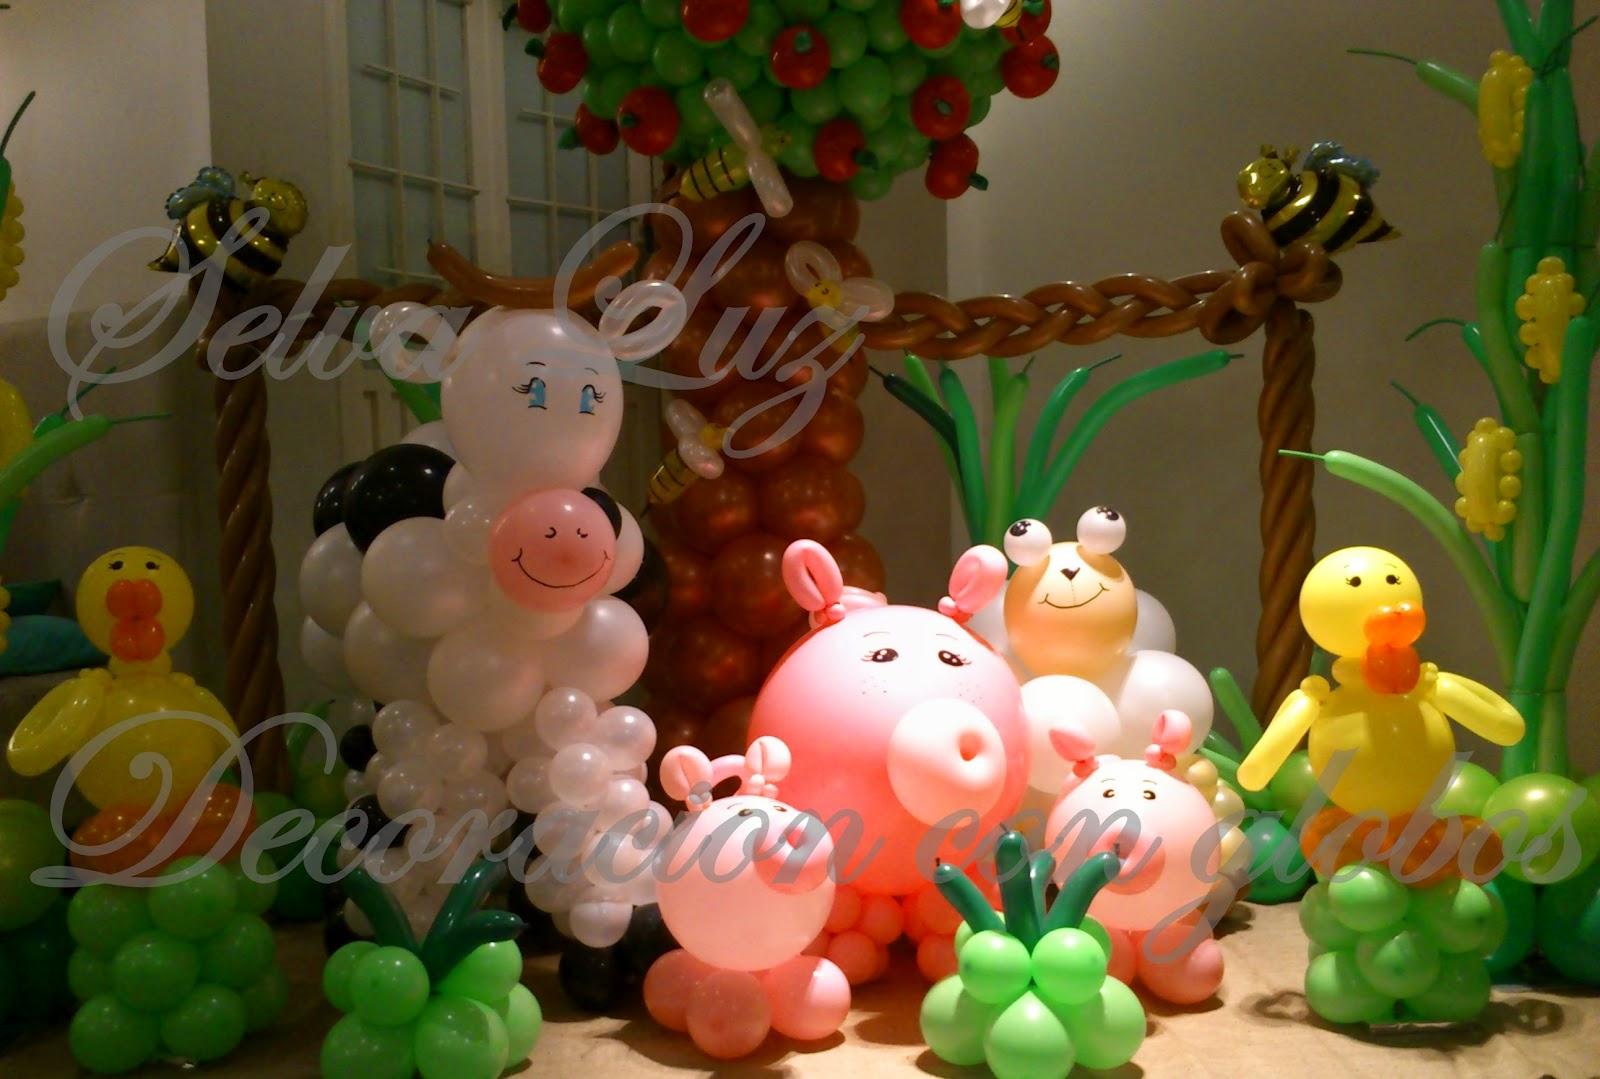 Selva luz decoraci n con globos buenos aires argentina - Cabezas de animales decoracion ...